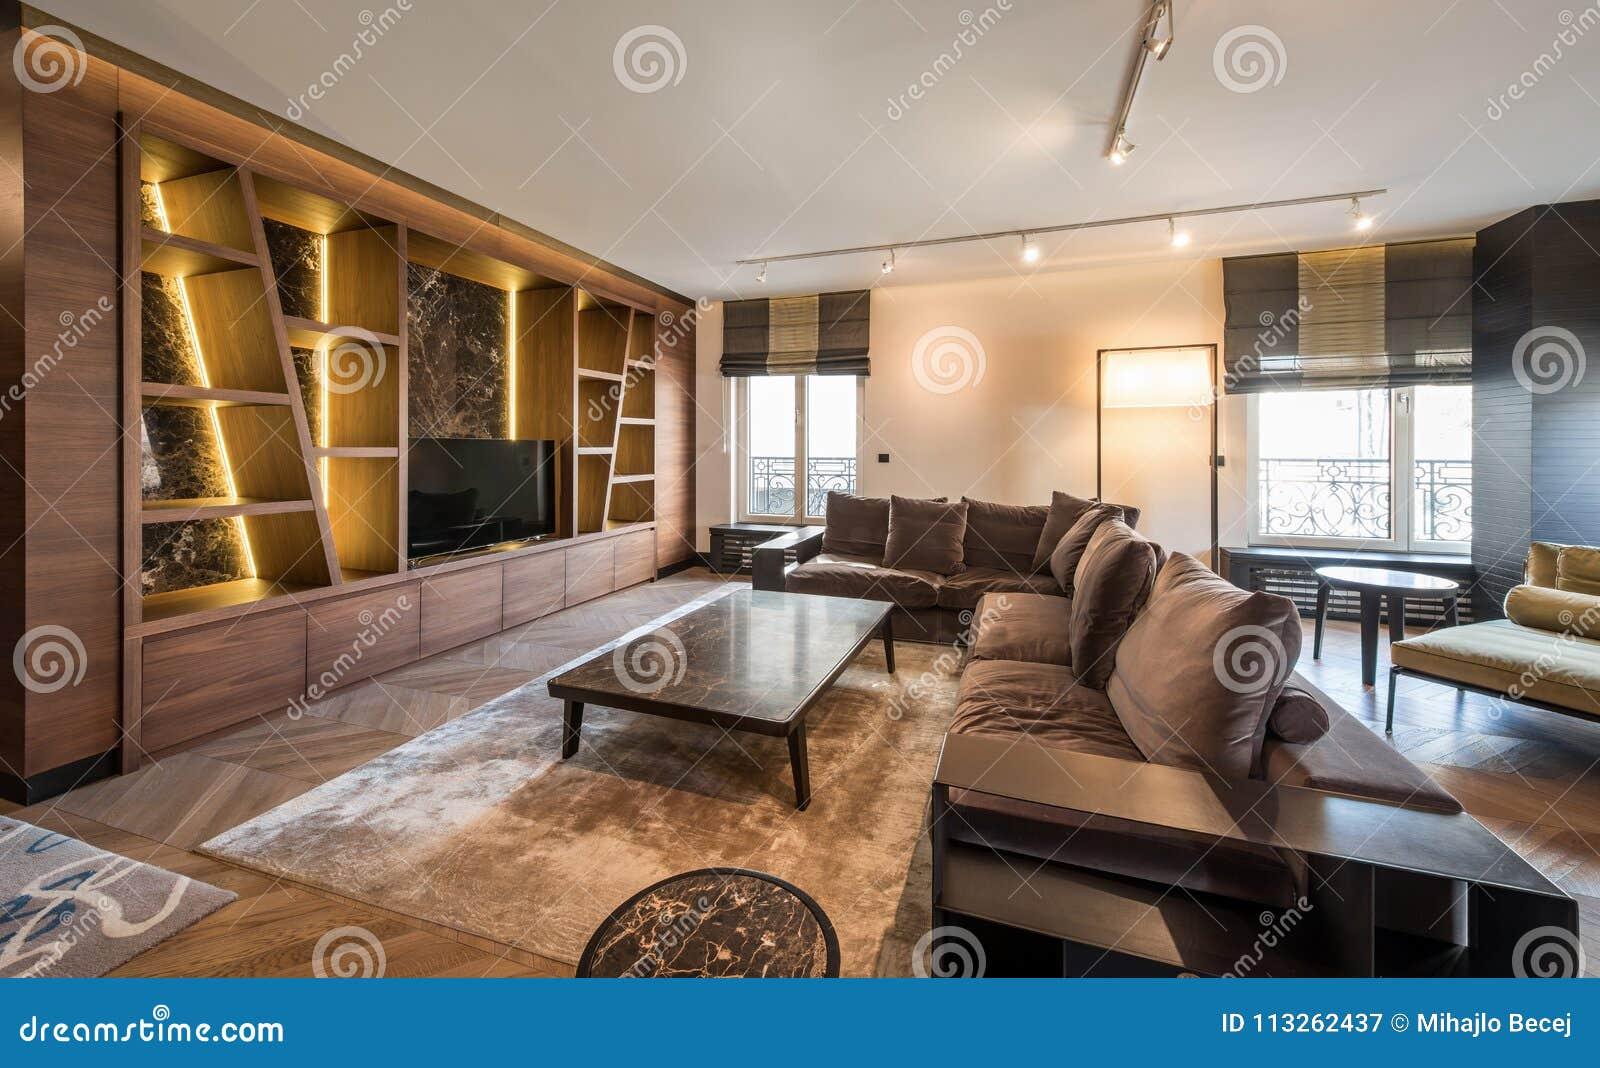 Interieur De Luxe Appartement intérieur d'un appartement de luxe, salon ouvert moderne de